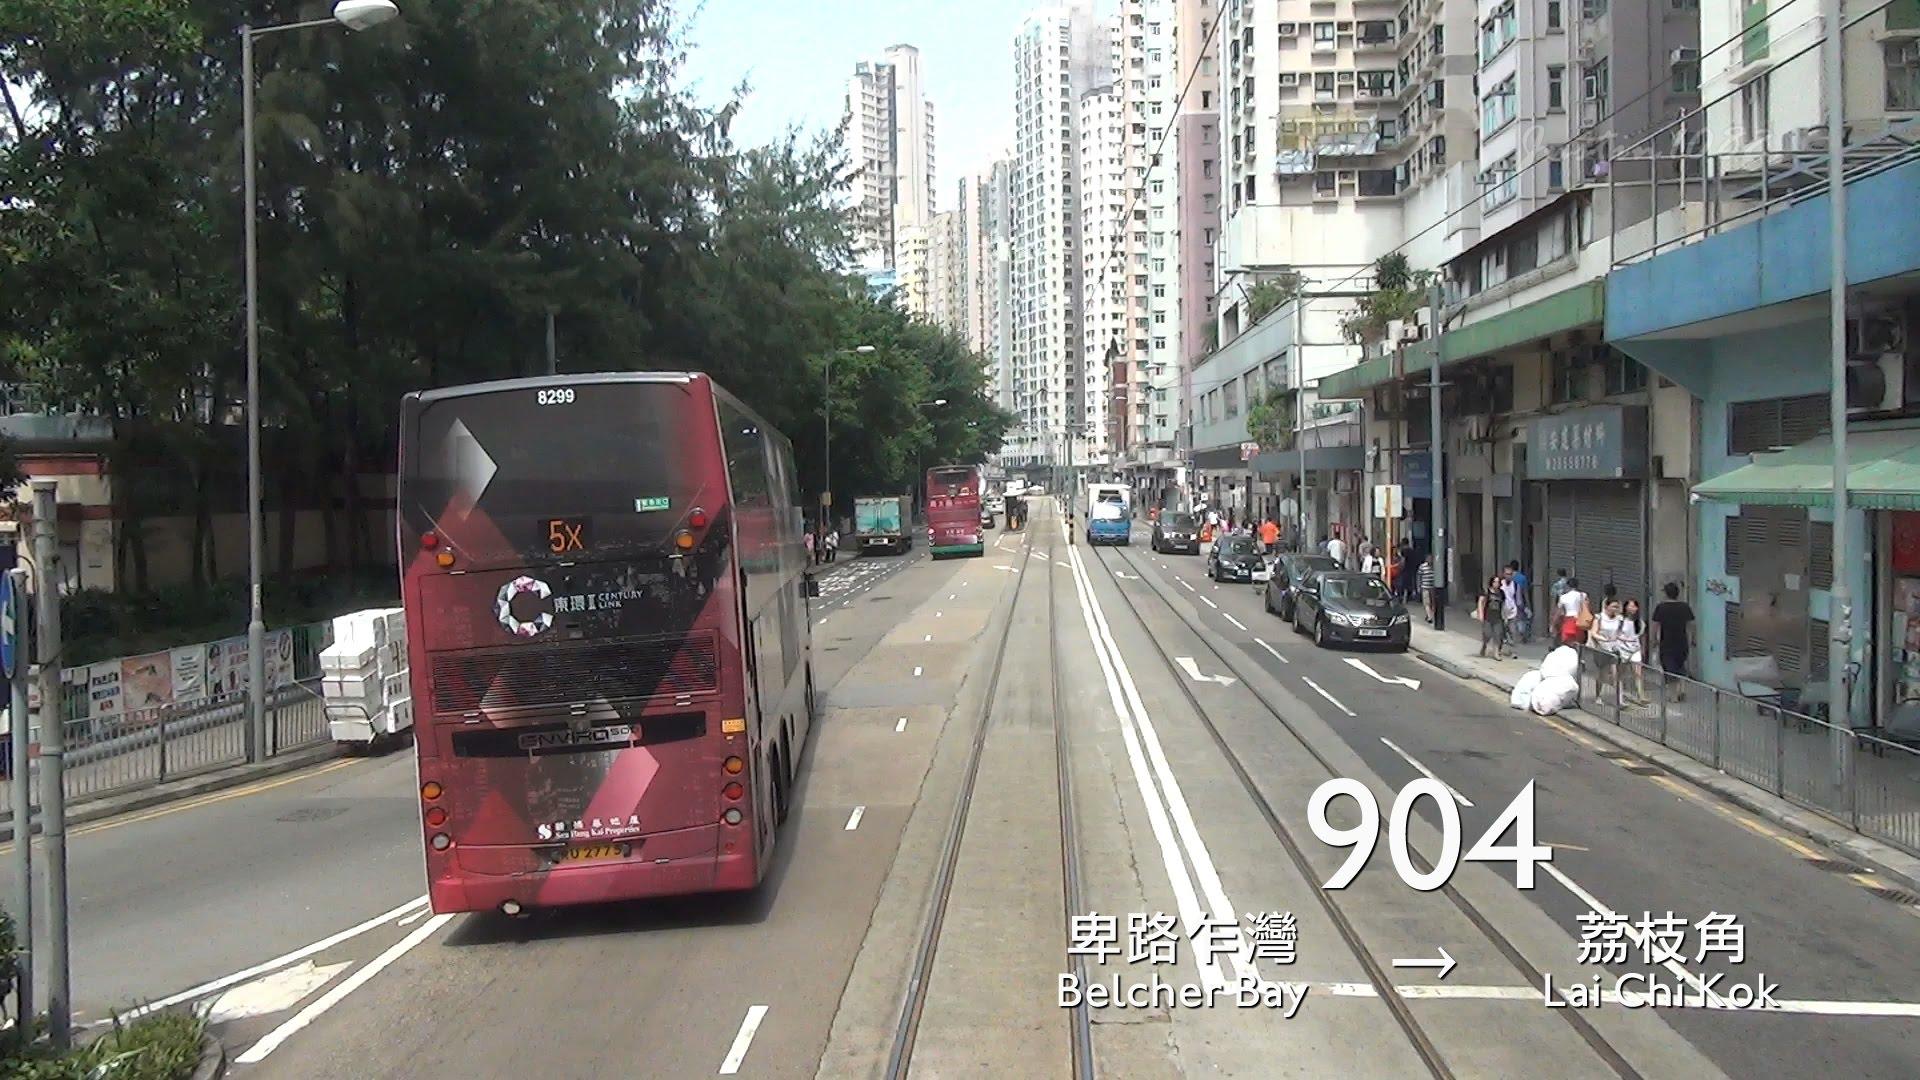 [Hong Kong Bus Ride] 新巴 1034 @ 904 堅尼地城(卑路乍灣) – 荔枝角 [全程行車影片]